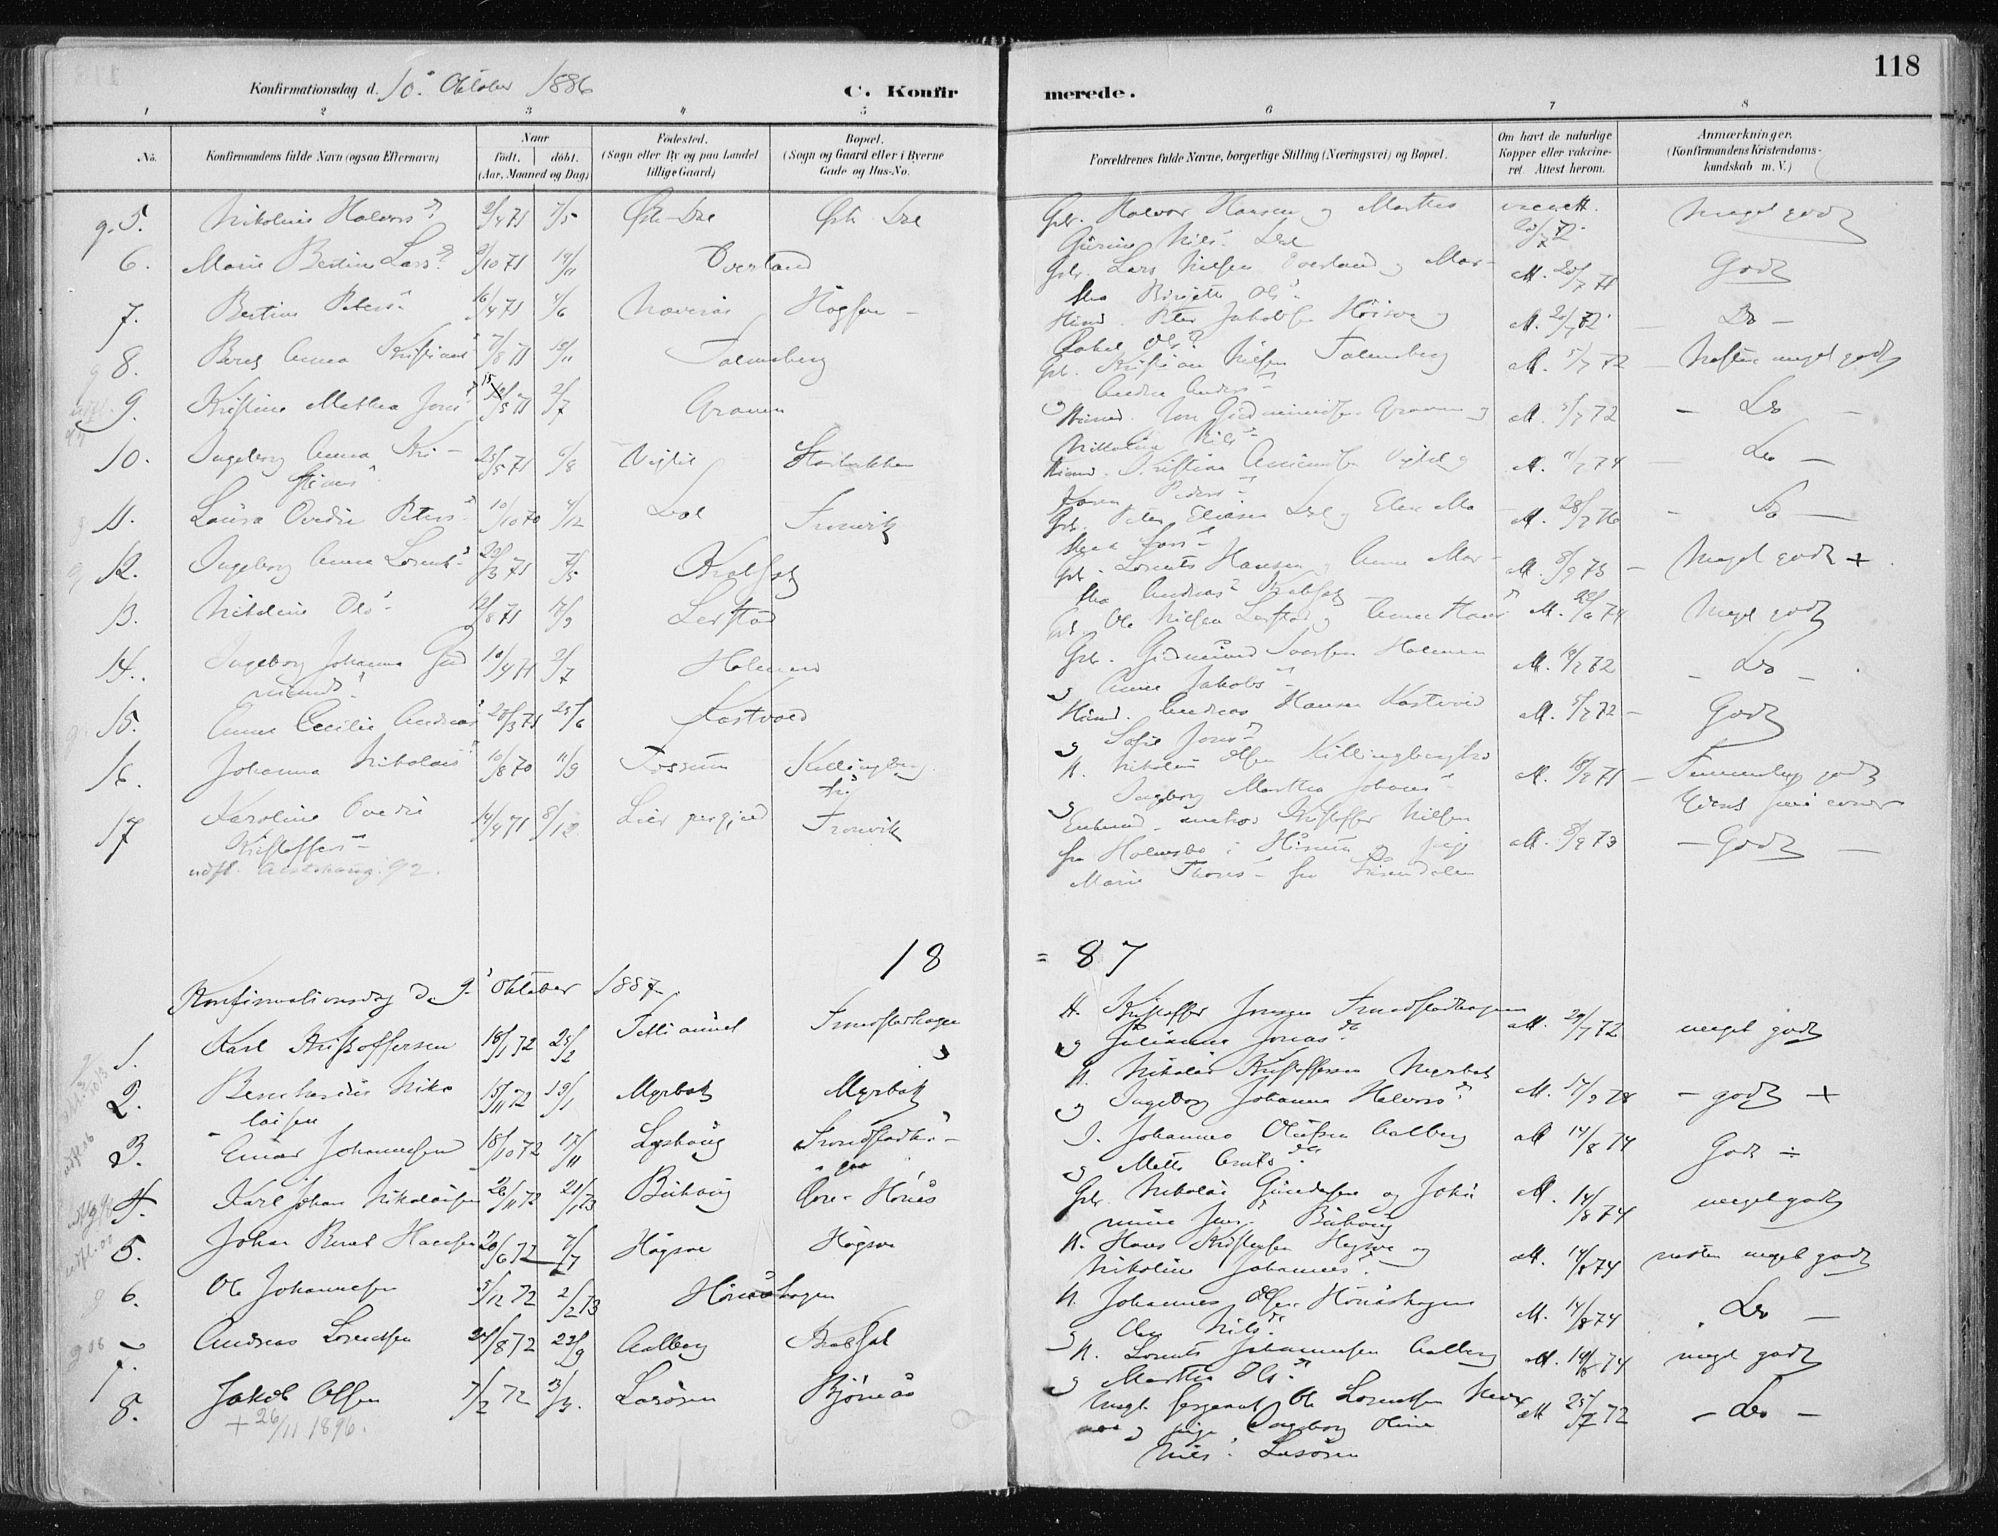 SAT, Ministerialprotokoller, klokkerbøker og fødselsregistre - Nord-Trøndelag, 701/L0010: Parish register (official) no. 701A10, 1883-1899, p. 118